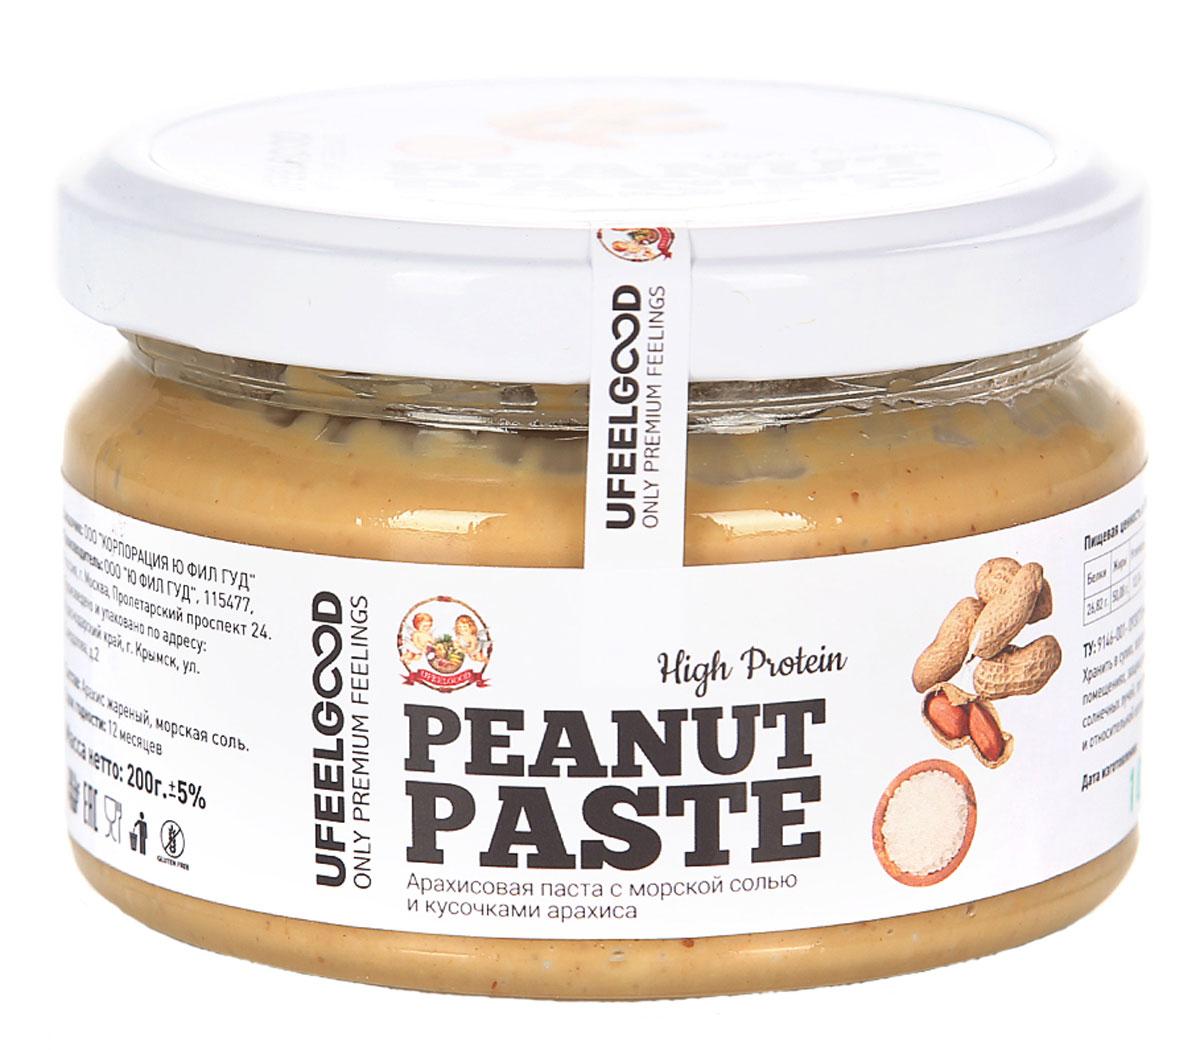 UFEELGOOD арахисовая паста с морской солью и кусочками арахиса, 200 г